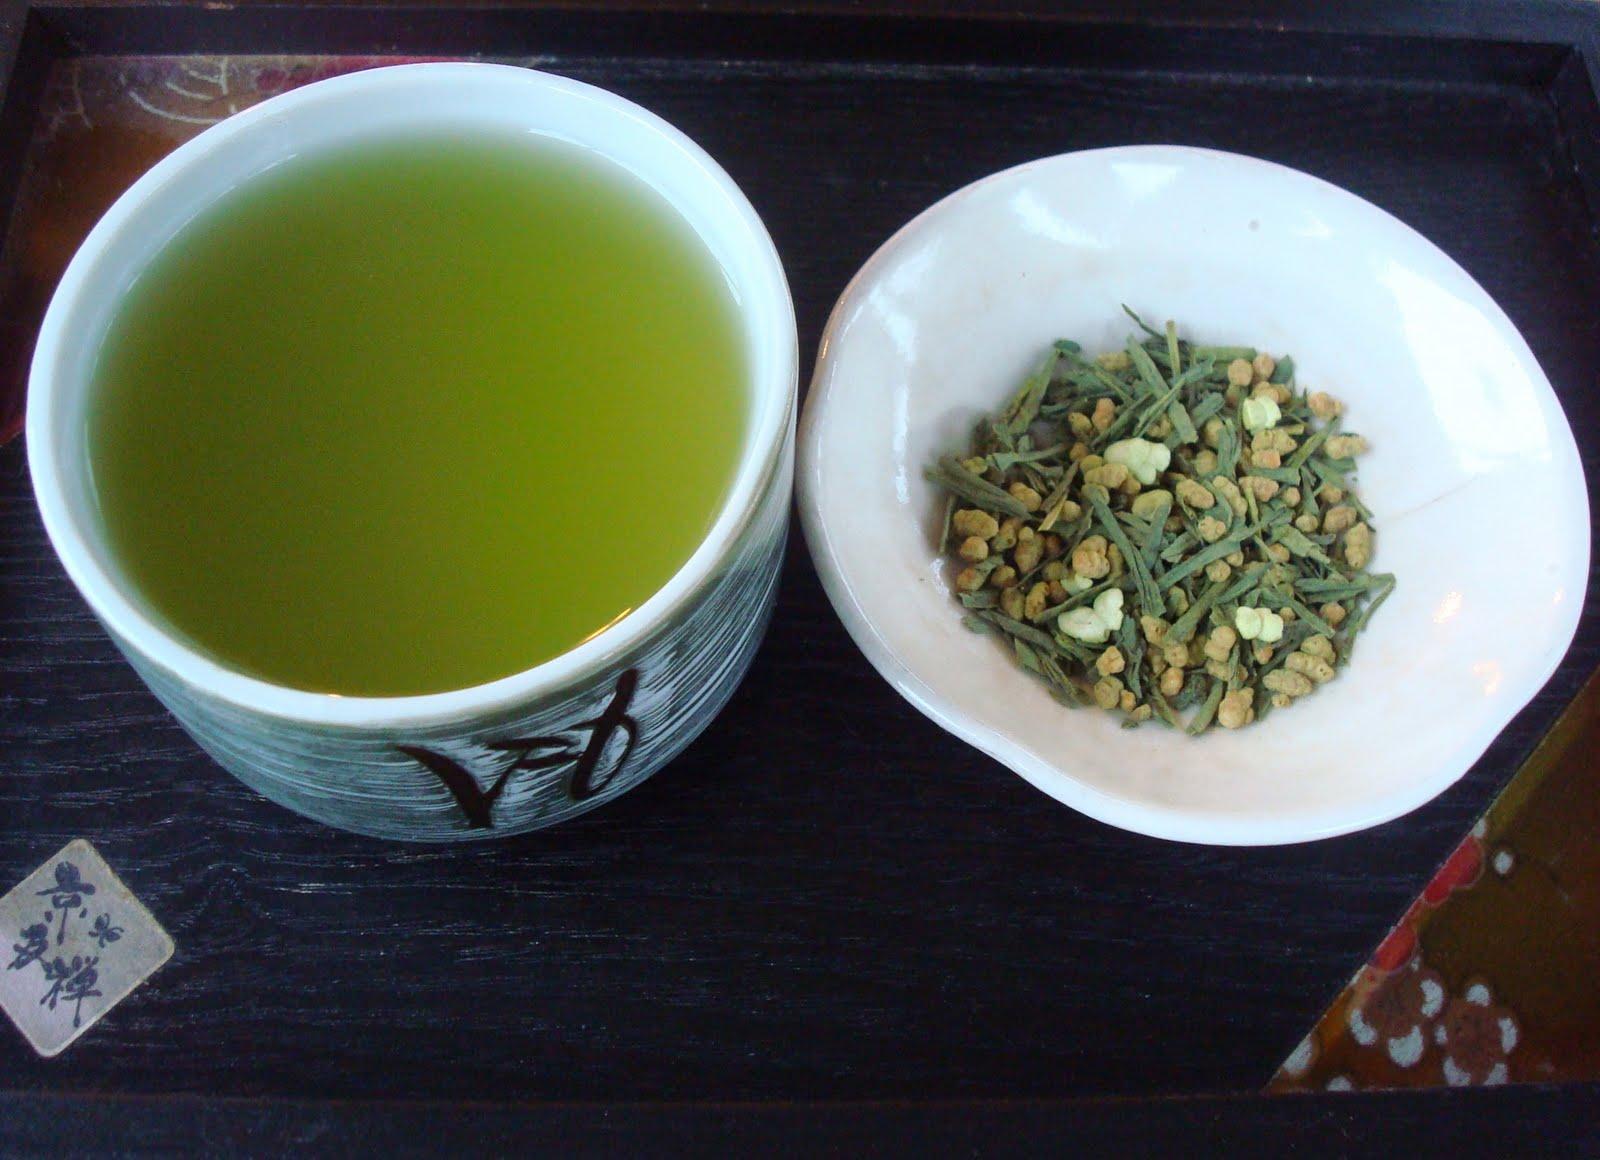 Необычная коллекция элитного чая newby в элегантной упаковке станет удачным приобретением и для настоящего чайного